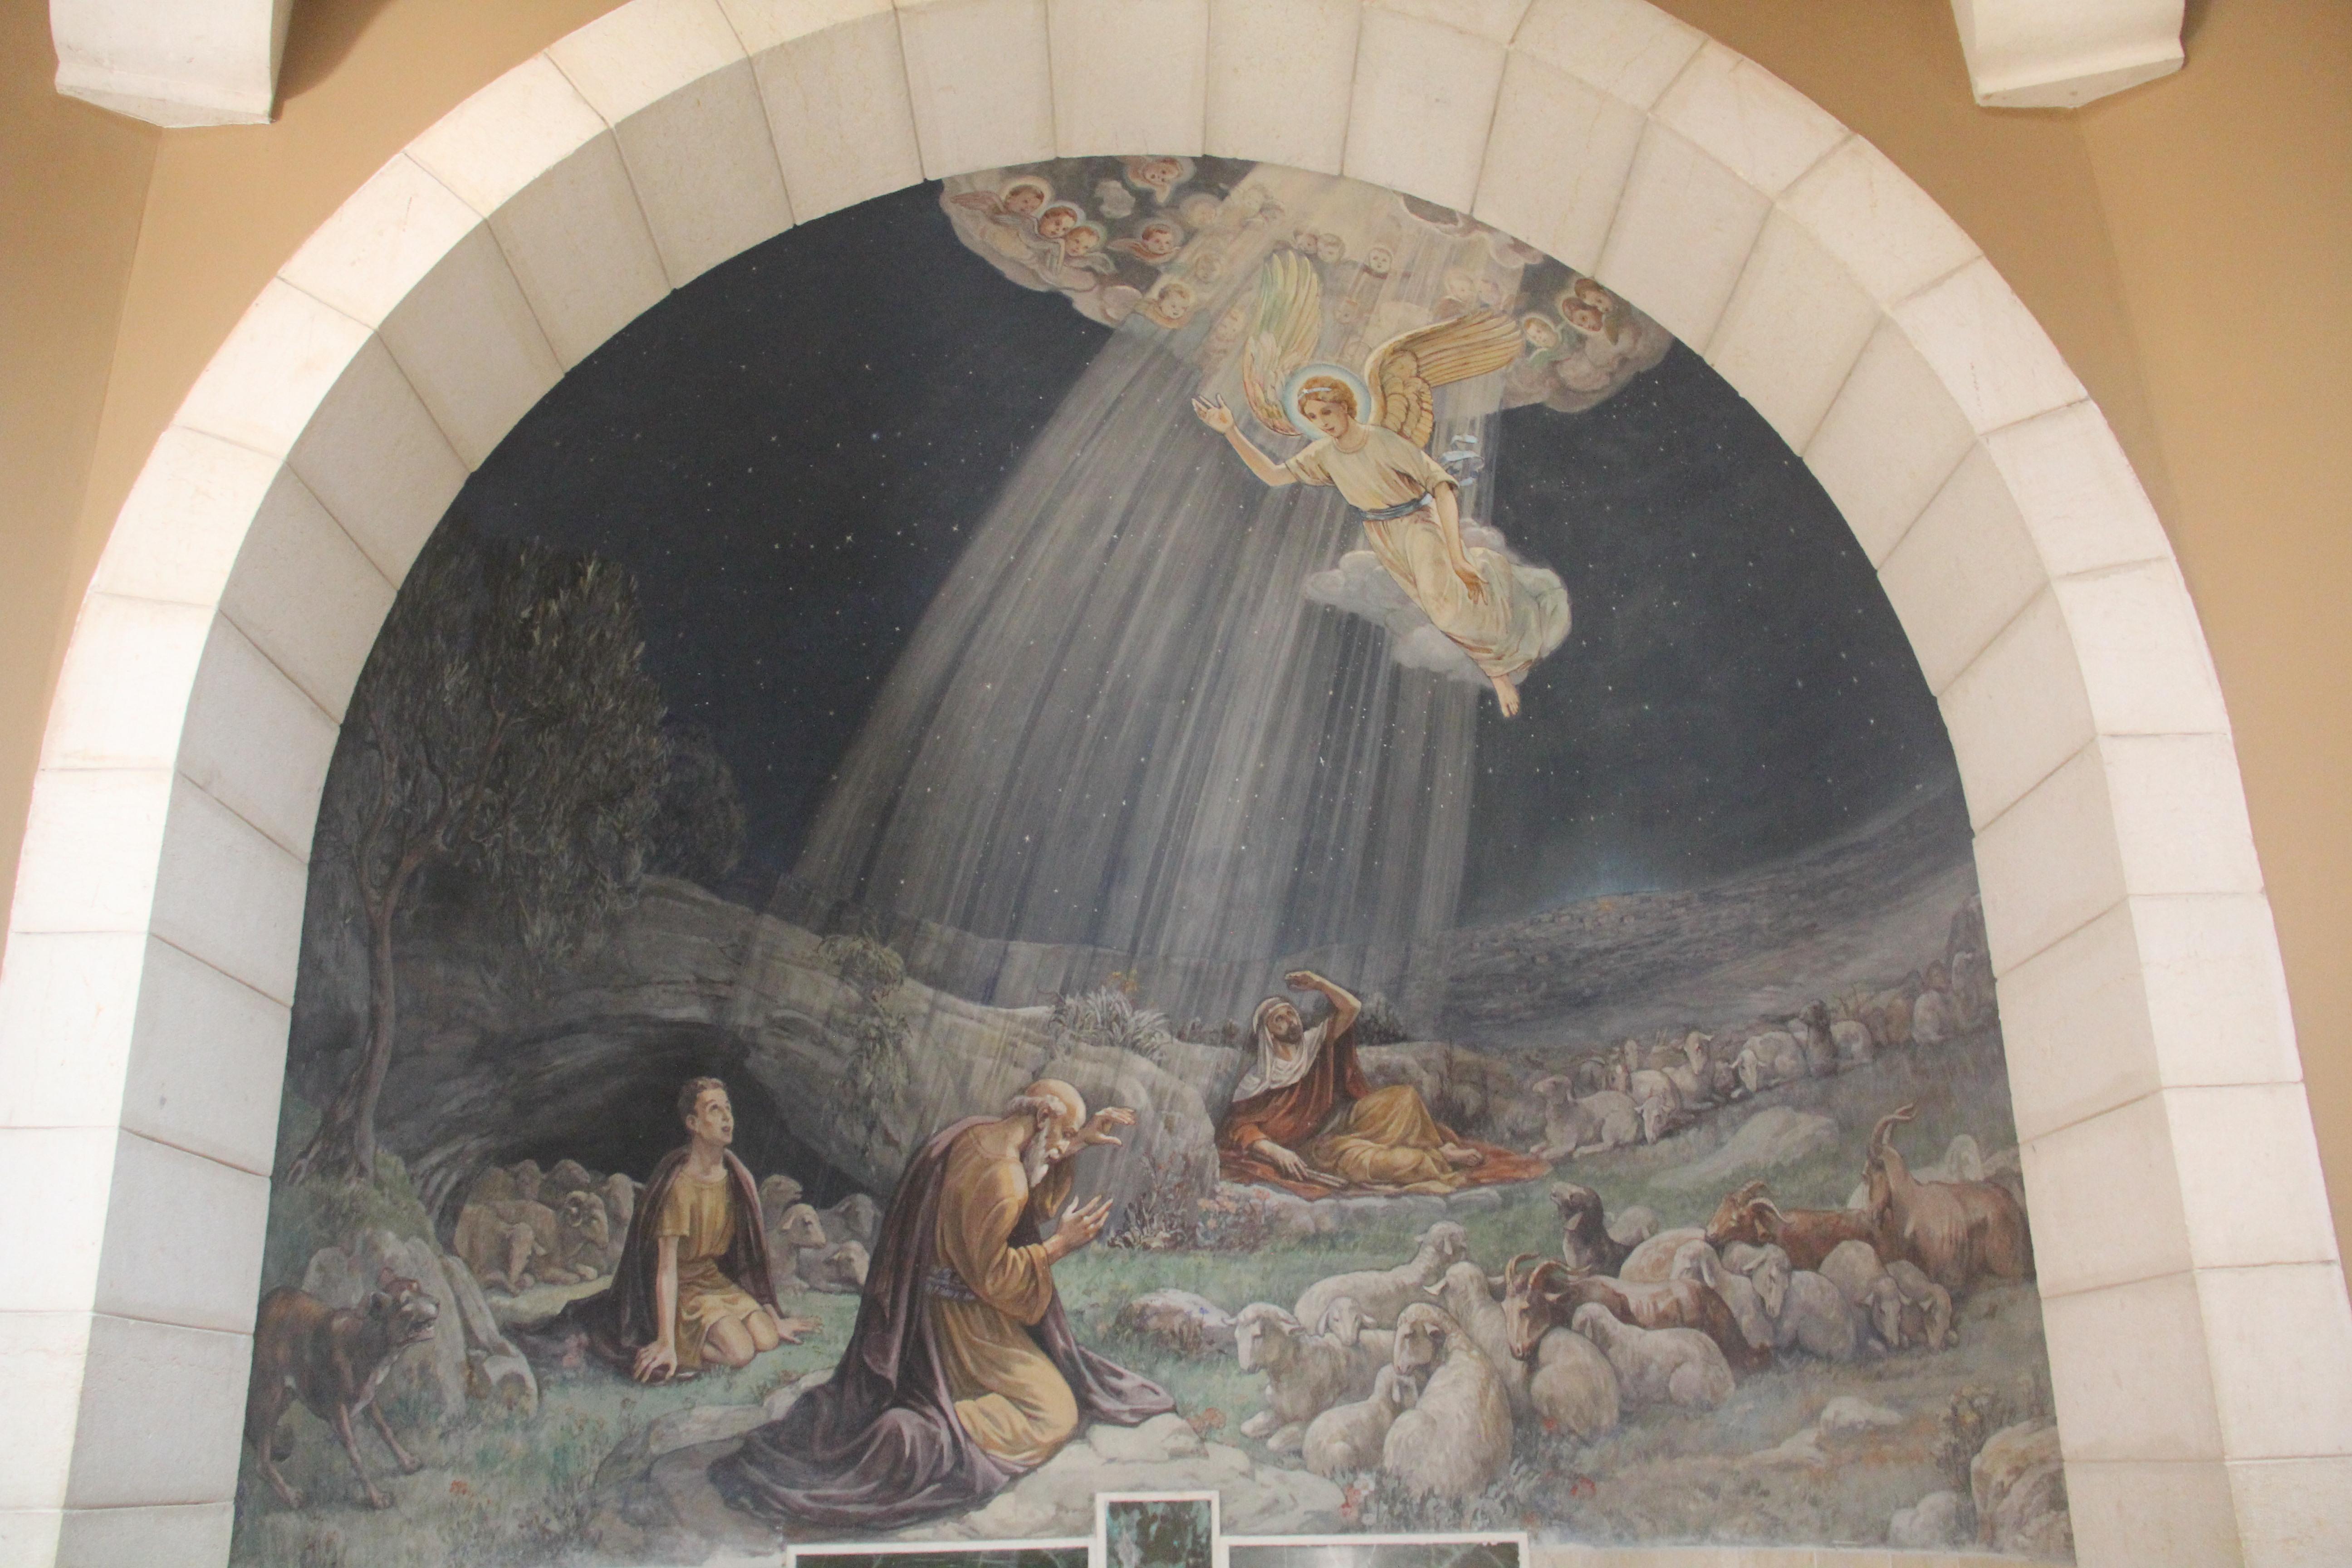 【伯利恆曠野】這是天使向牧羊人報彌賽亞降生喜訊的地方009